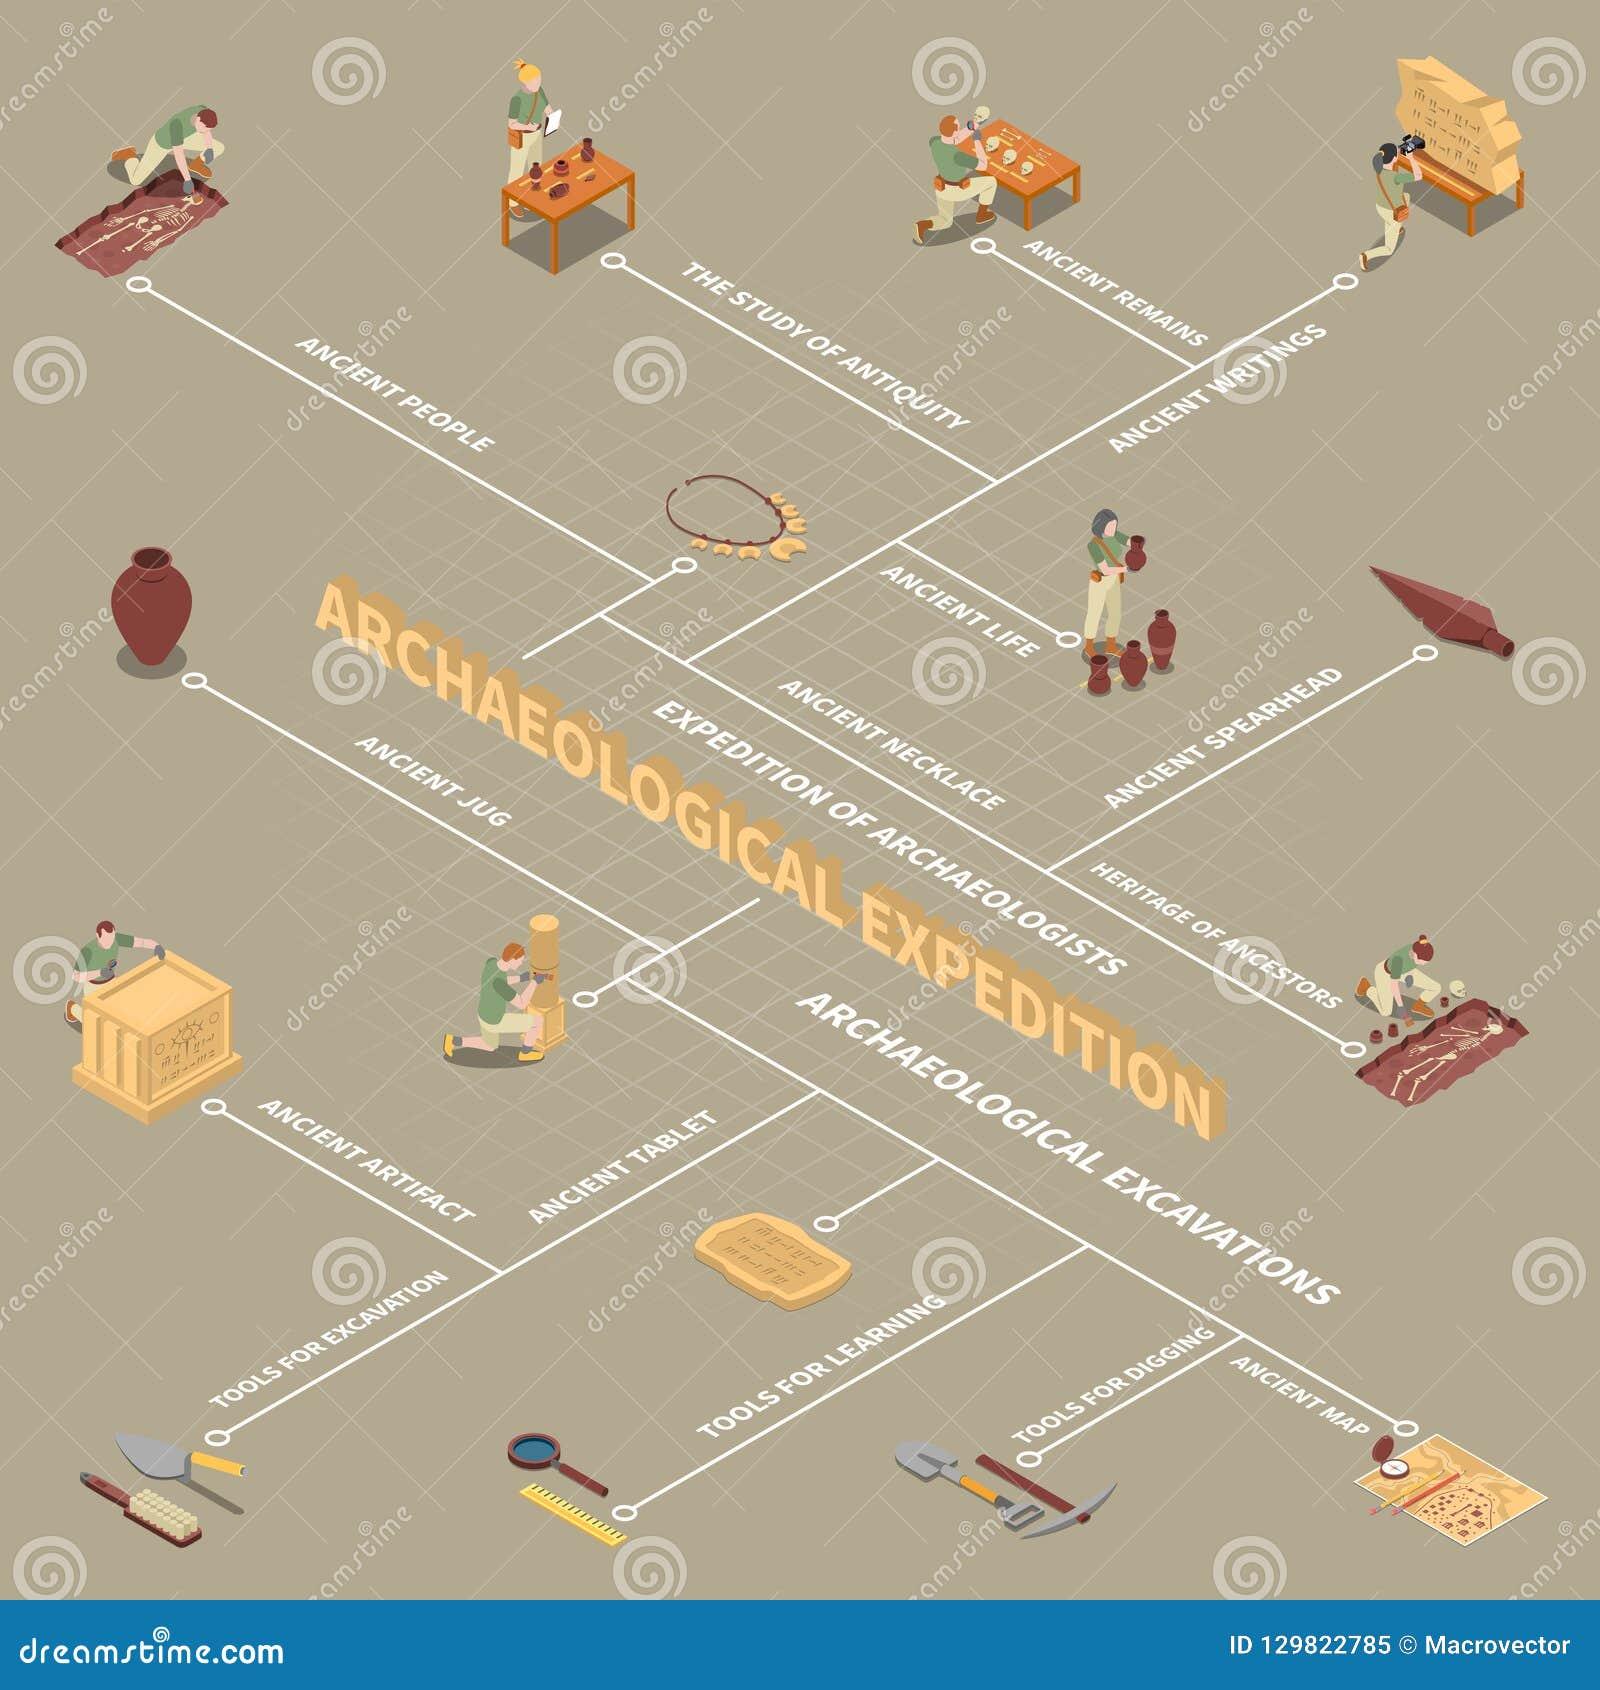 Archeologie Isometrisch Stroomschema